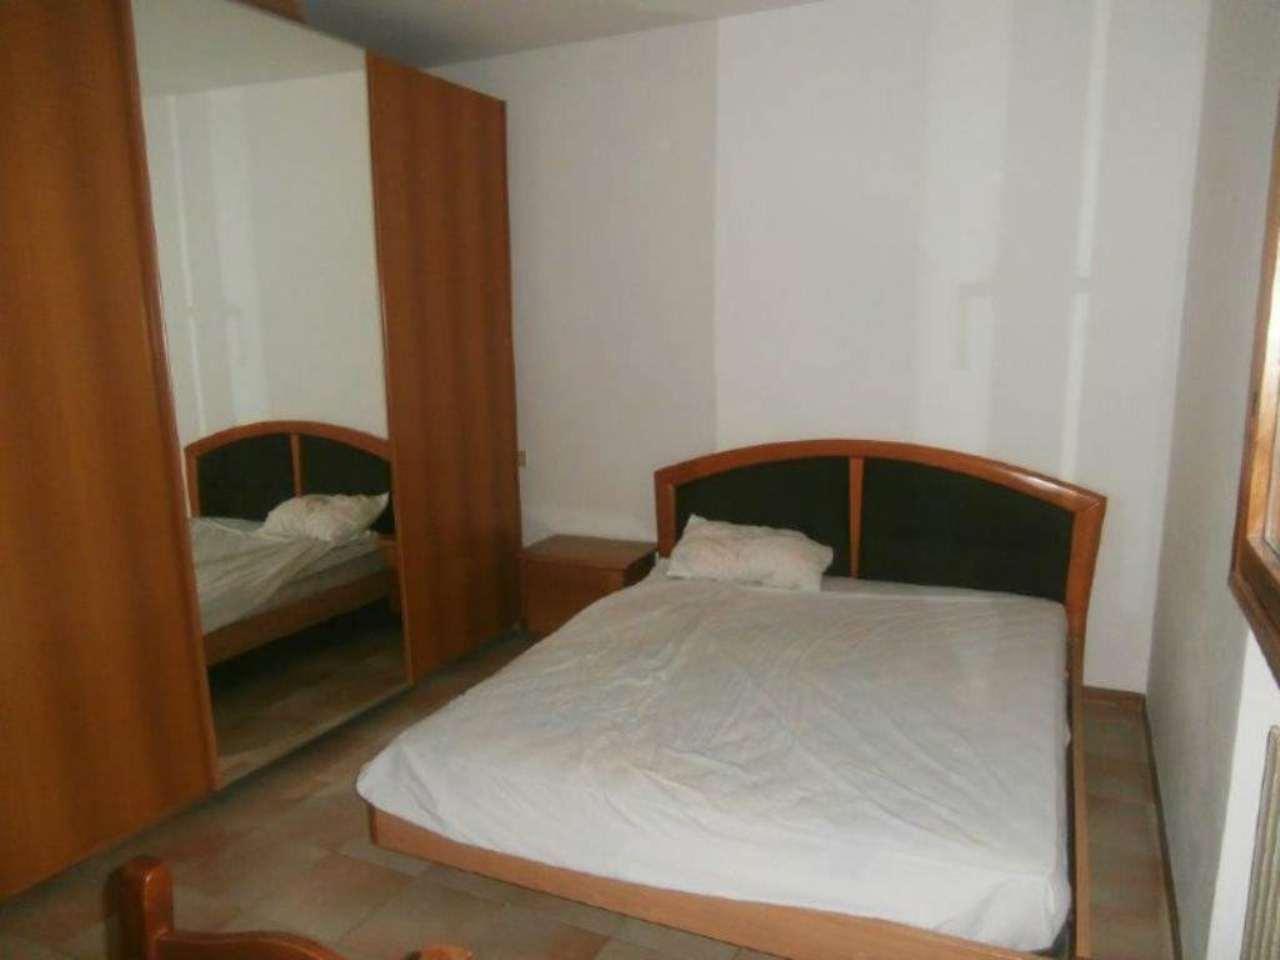 Appartamento in vendita a Sant'Agata Bolognese, 2 locali, prezzo € 85.000 | Cambio Casa.it